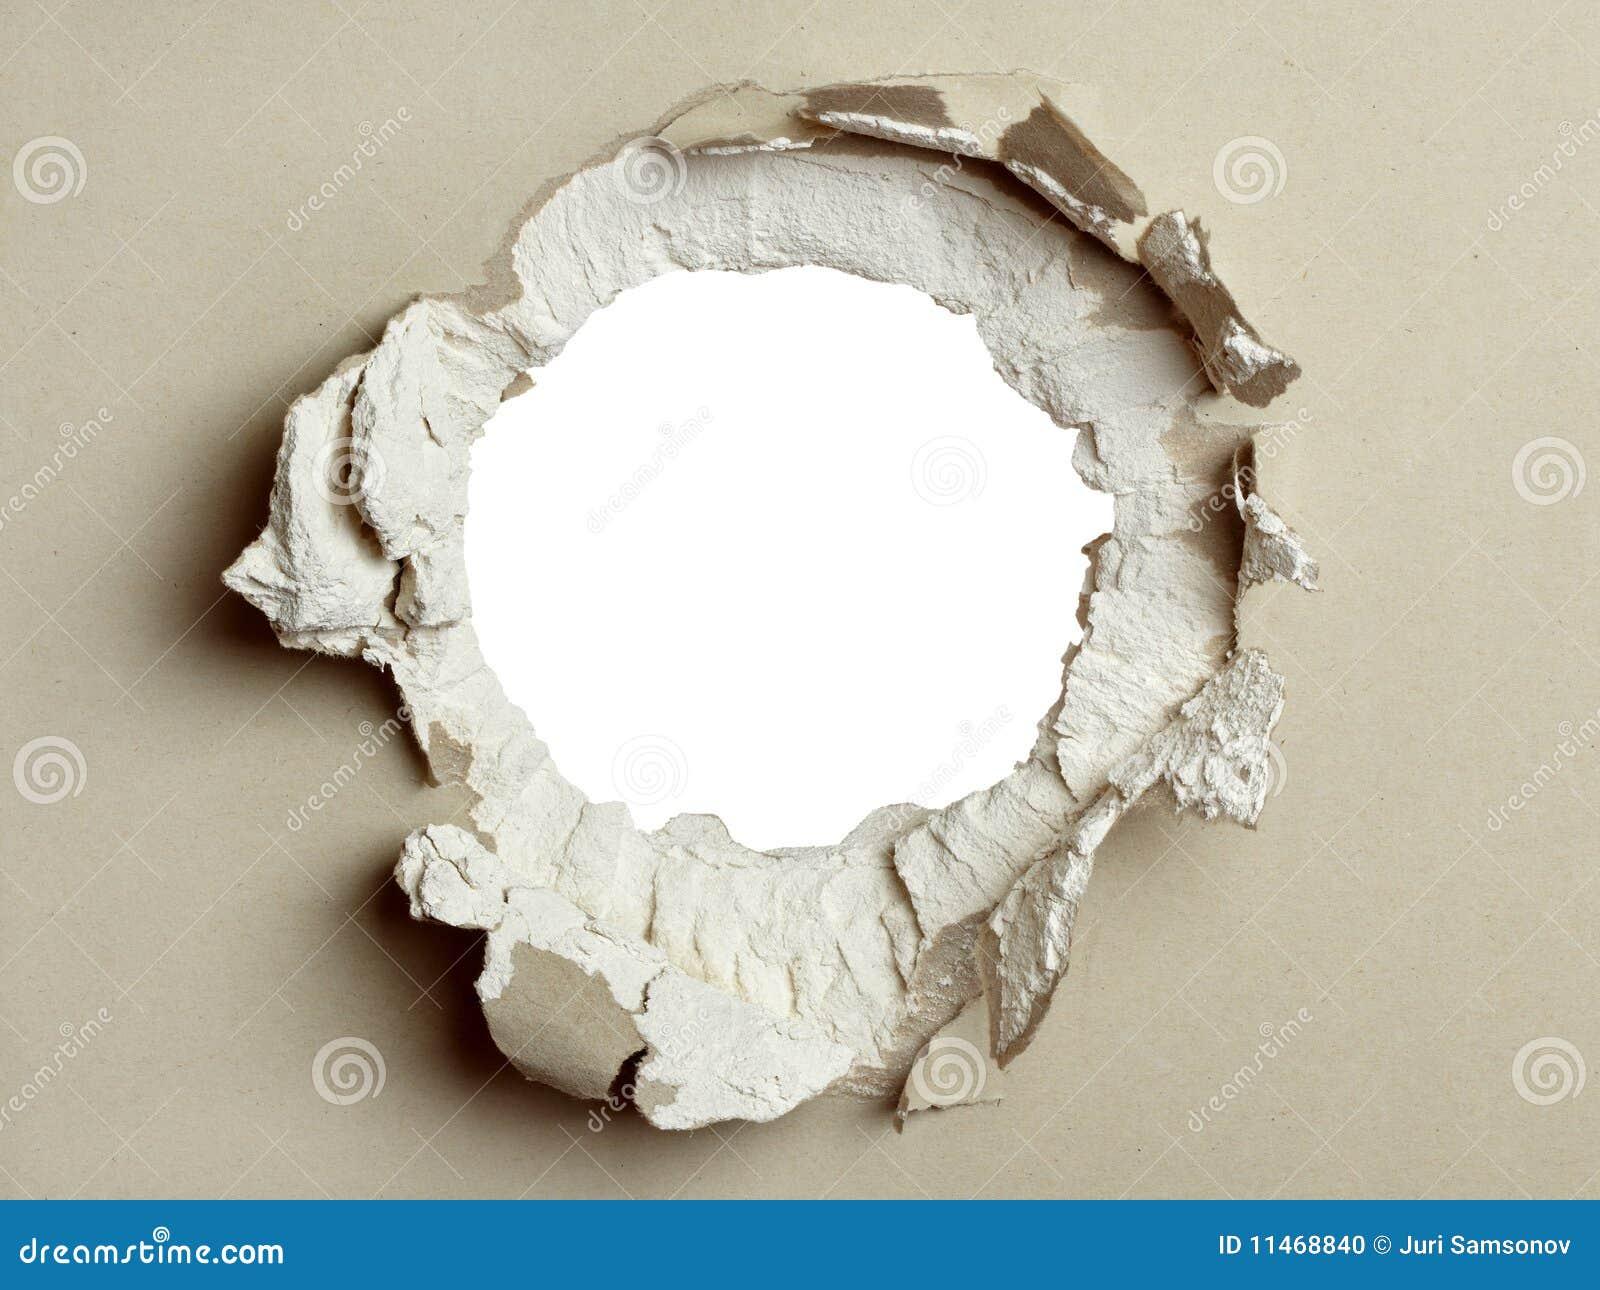 Loch in der grauen Fasergipsplatte.